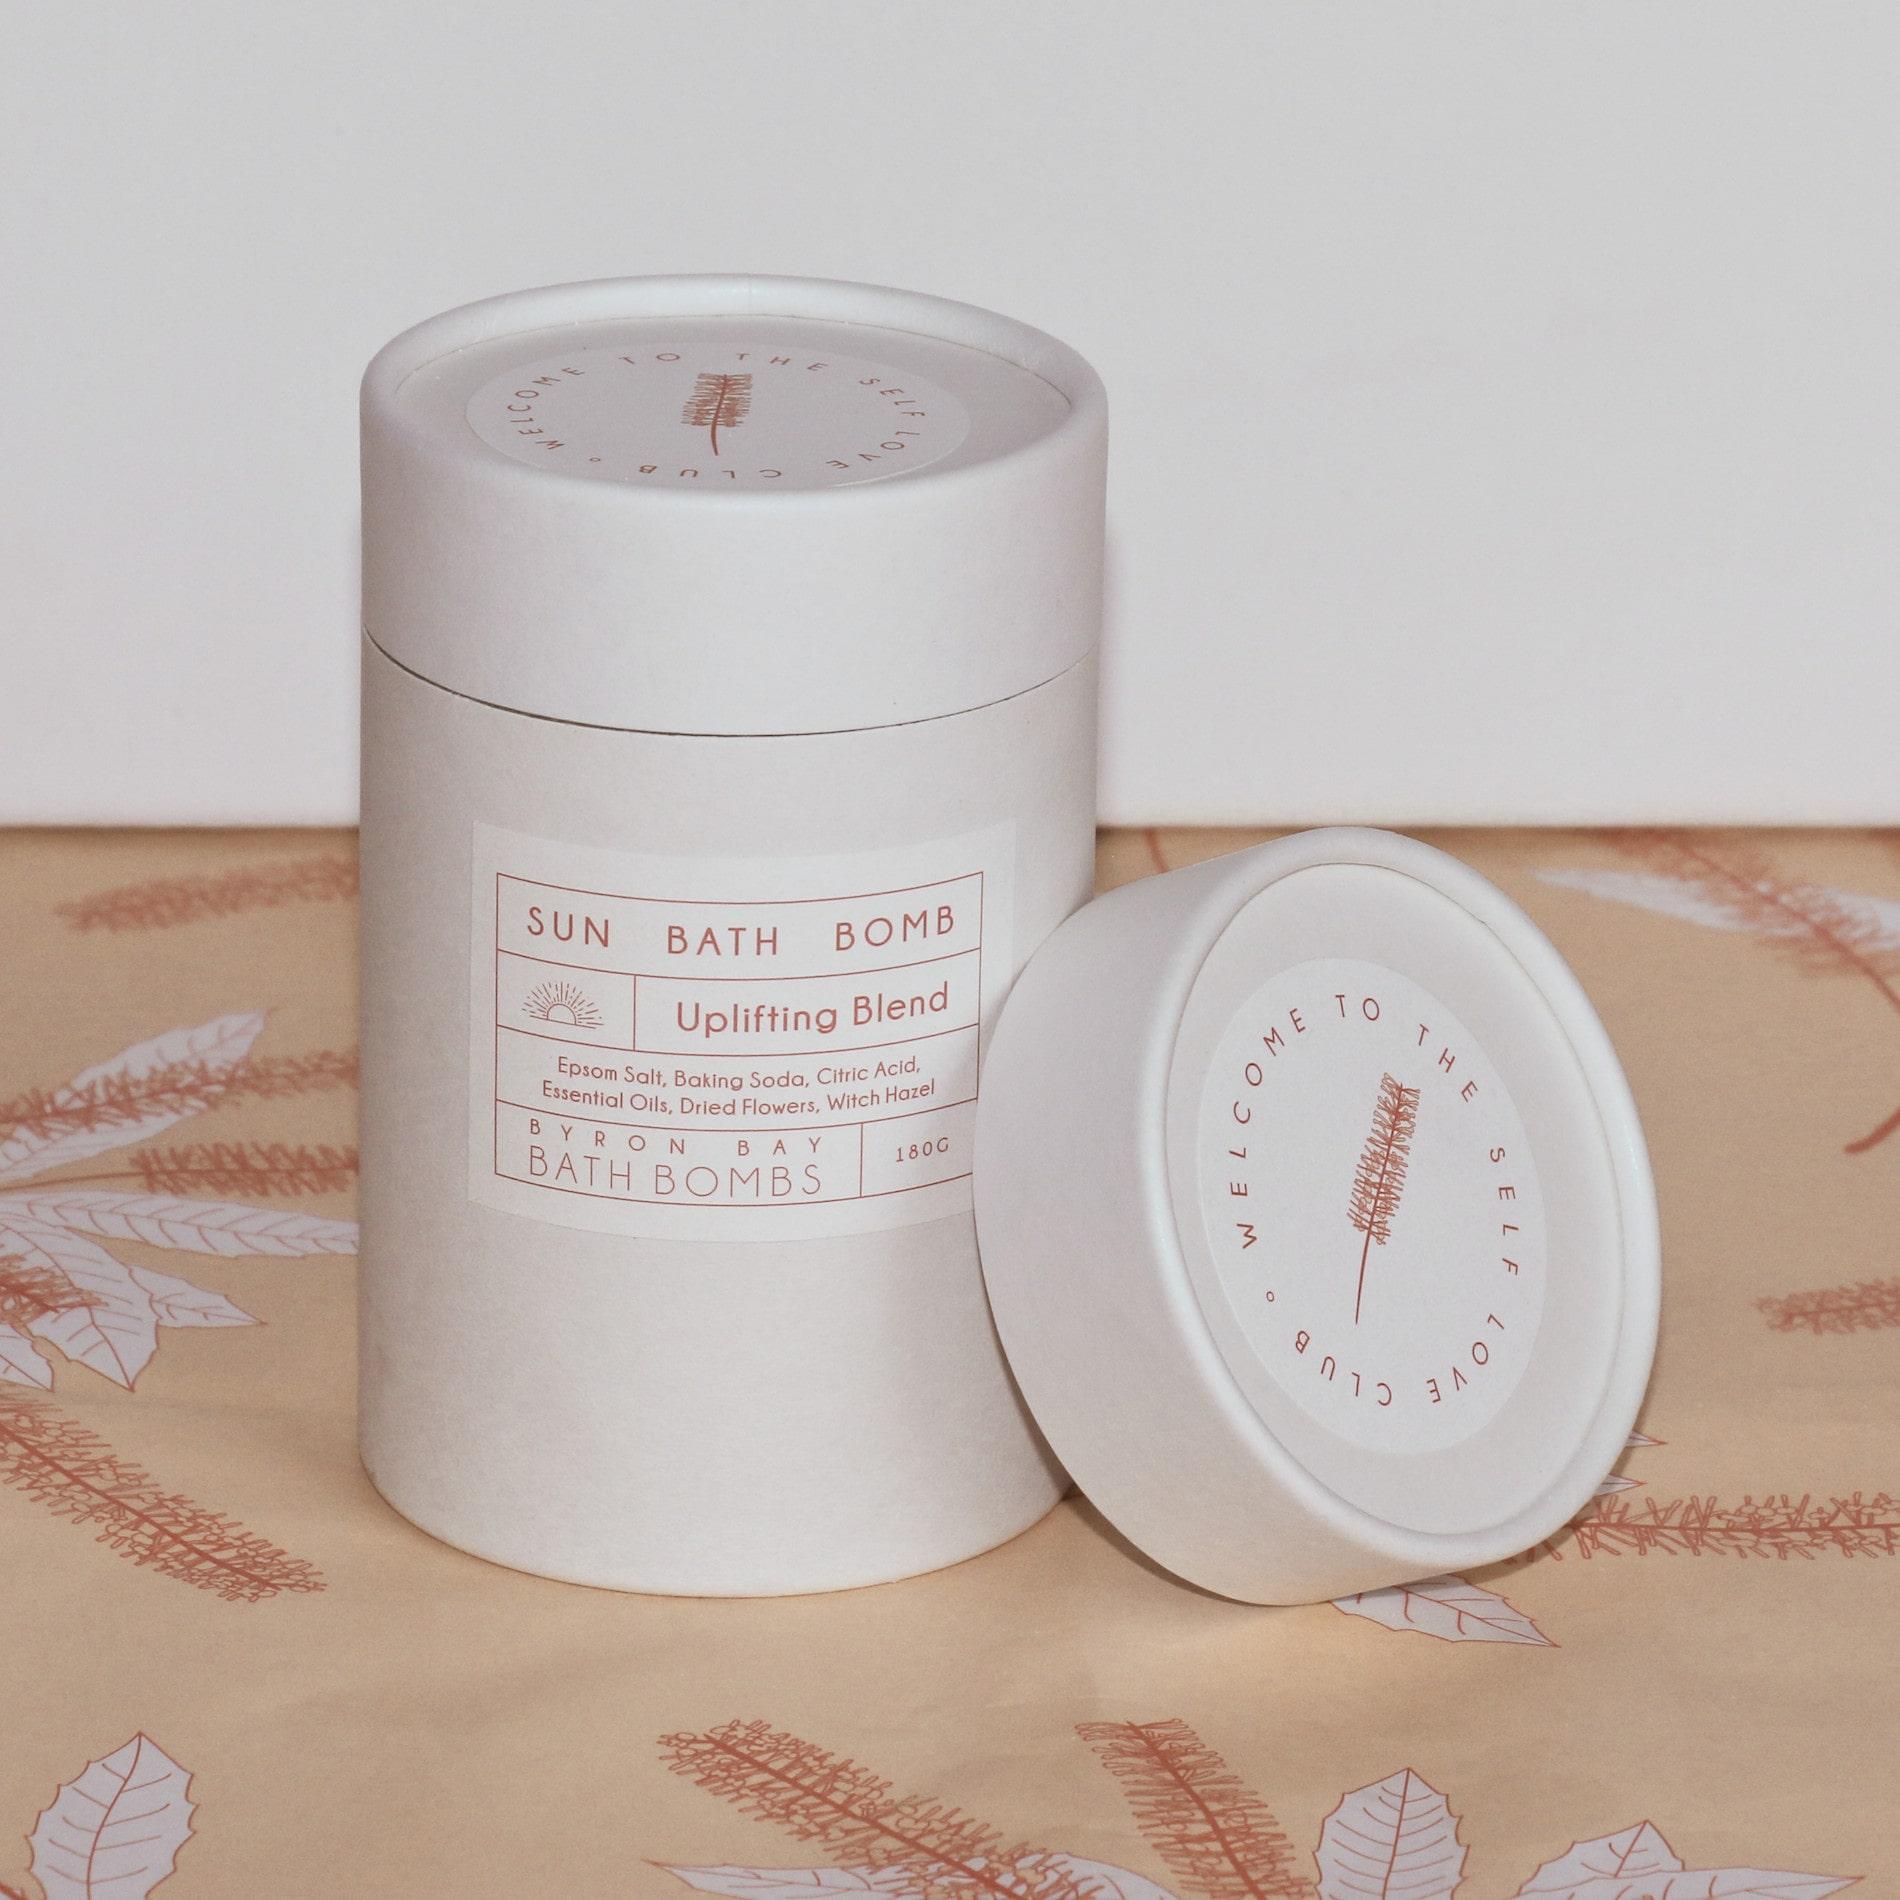 Byron Bay Bath Bomb box in top of custom tissue paper